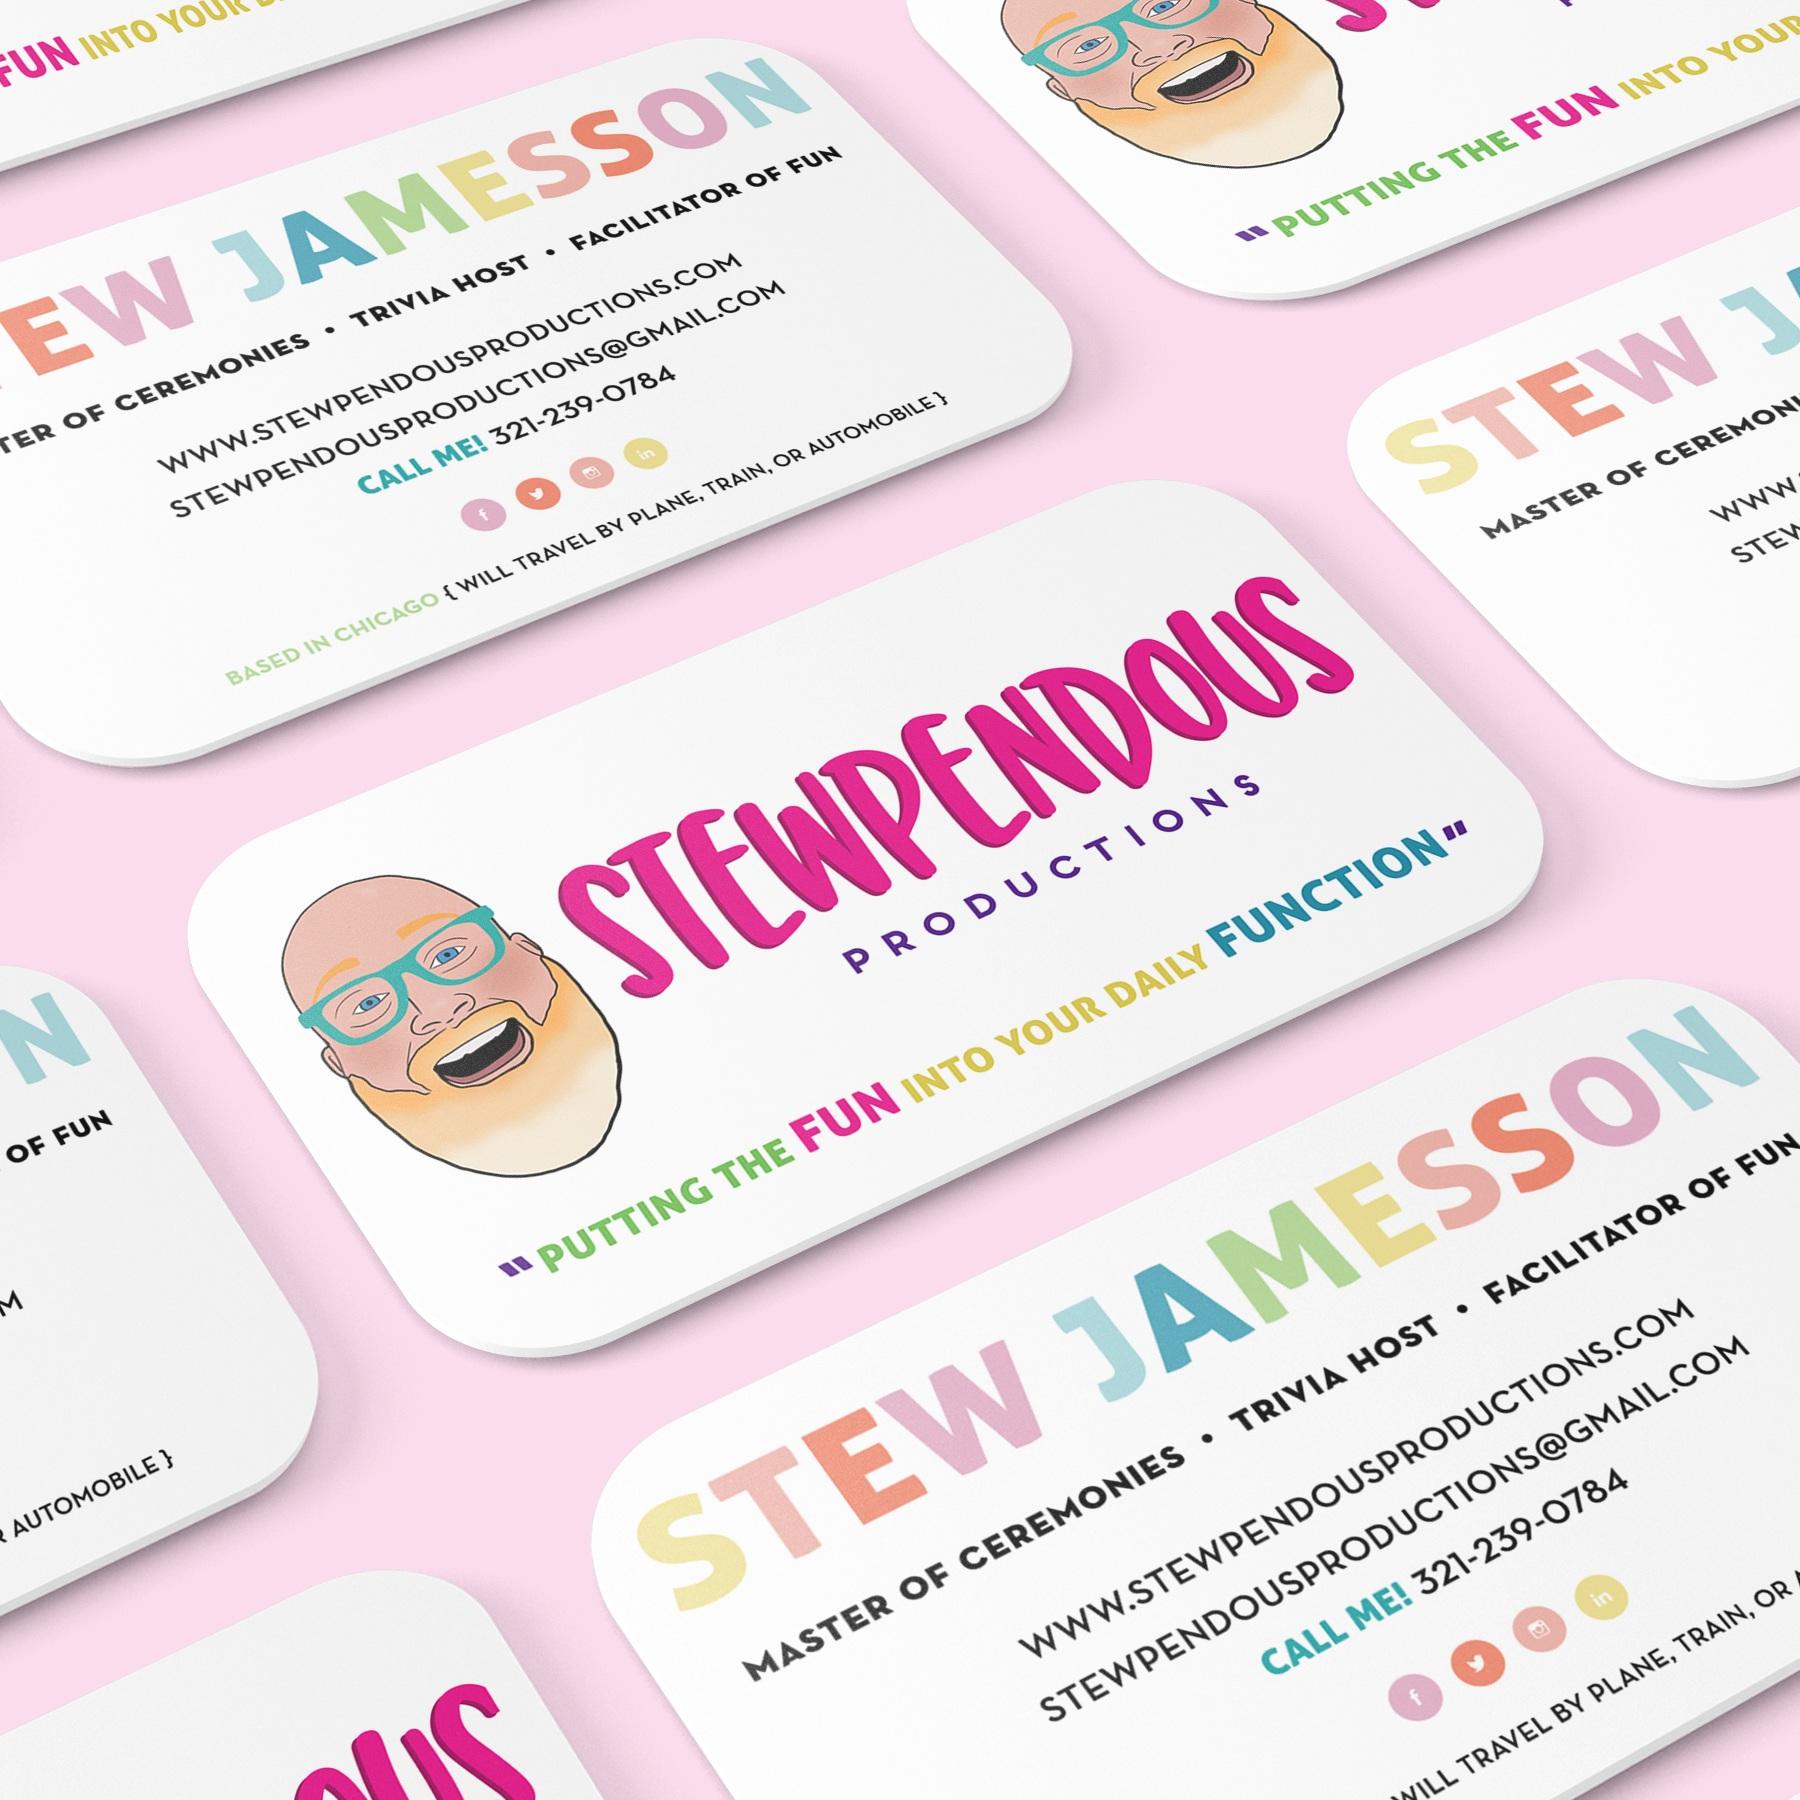 Stewpendous-Business-Cards_01.jpg